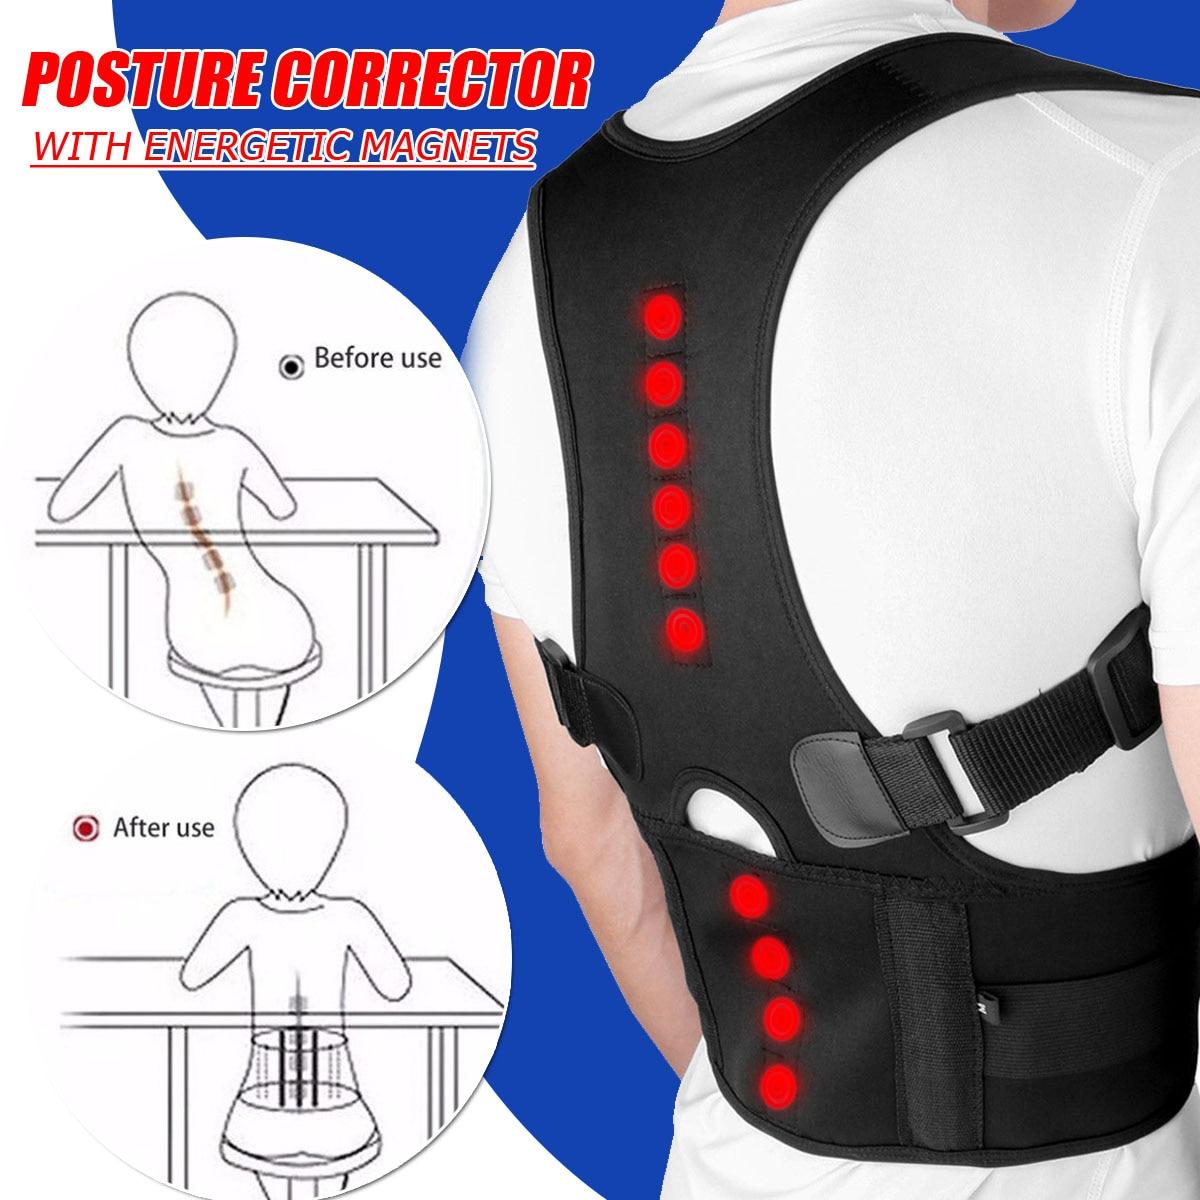 Men Women Magnetic Therapy Posture Corrector Sitting Posture Corrector Adjustable Back Support Belt Brace Shoulder Corrector